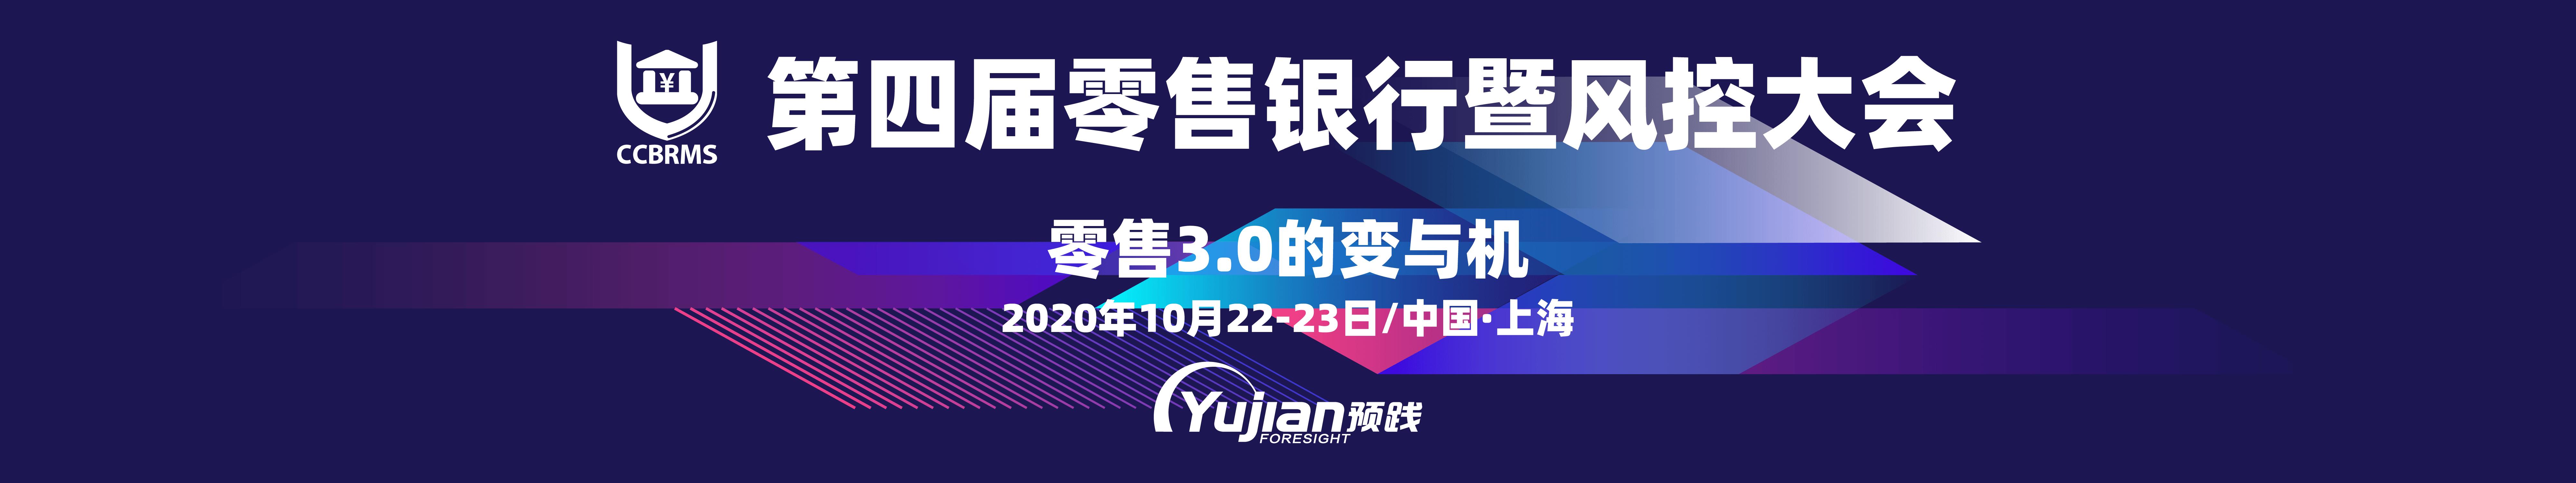 2020第四届零售银行暨风控大会